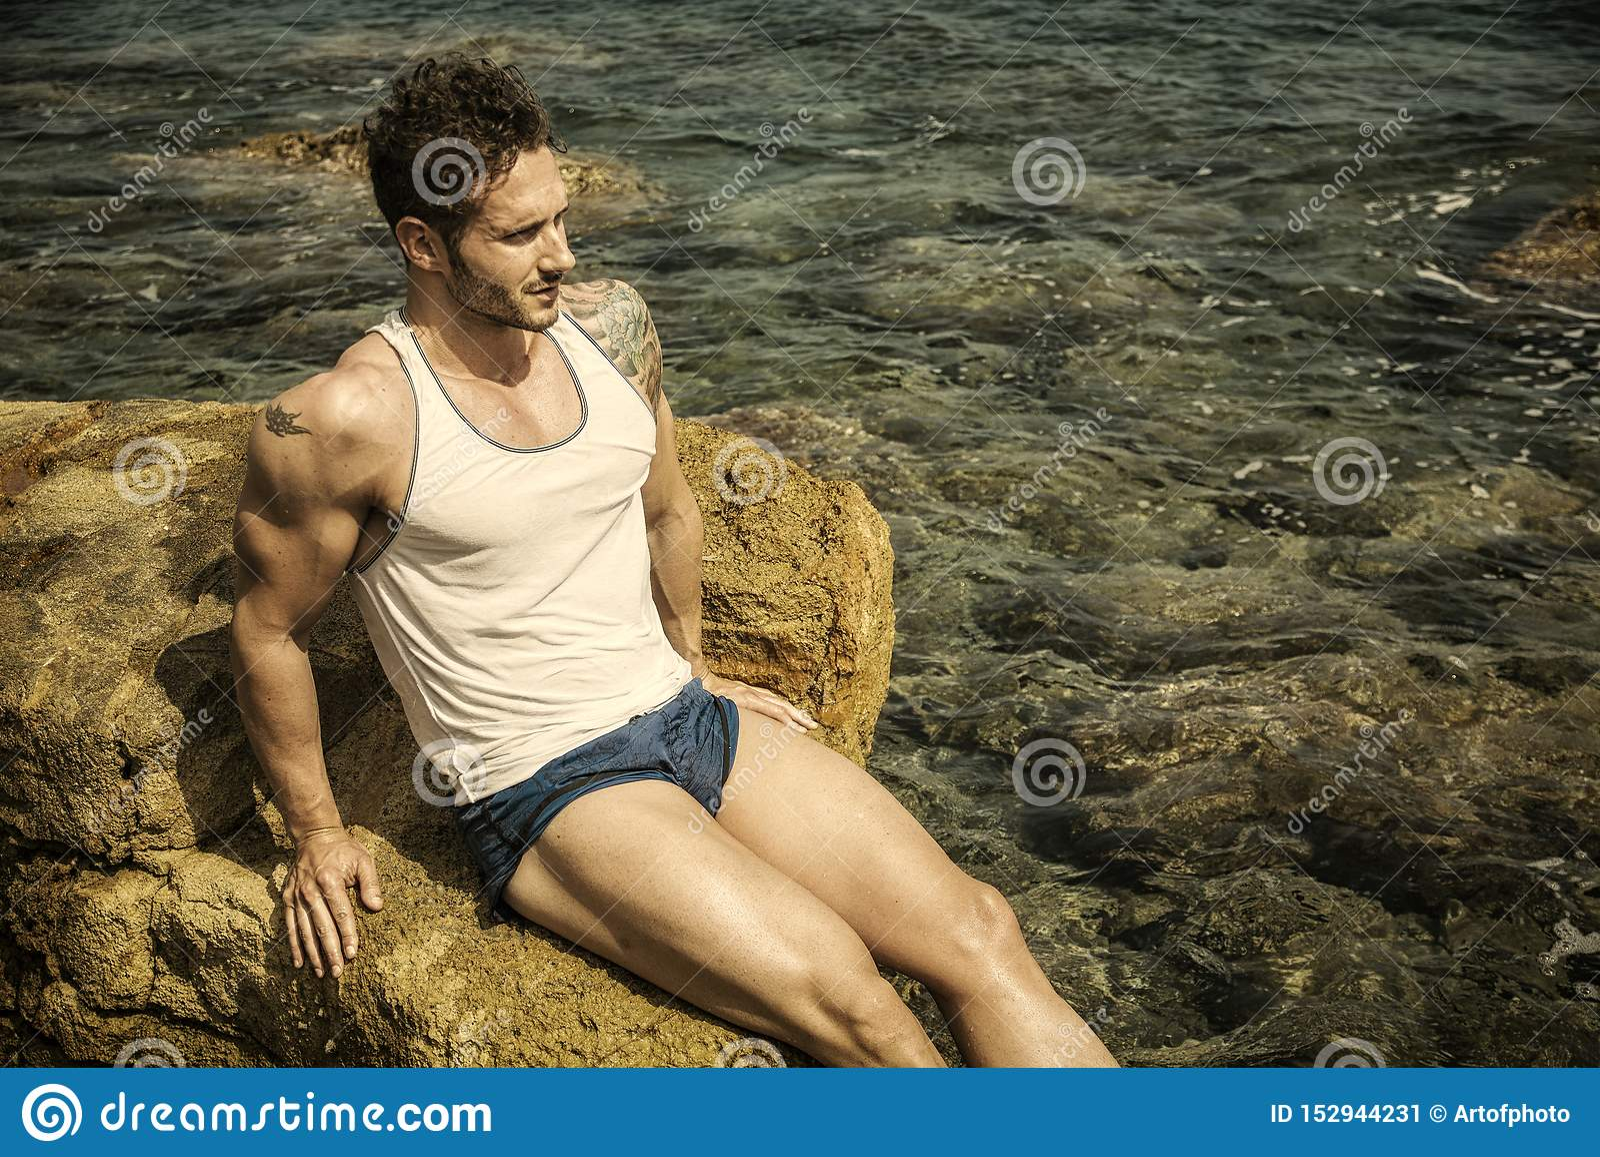 H?bscher muskul?ser Mann auf dem Strand, der auf Felsen sitzt